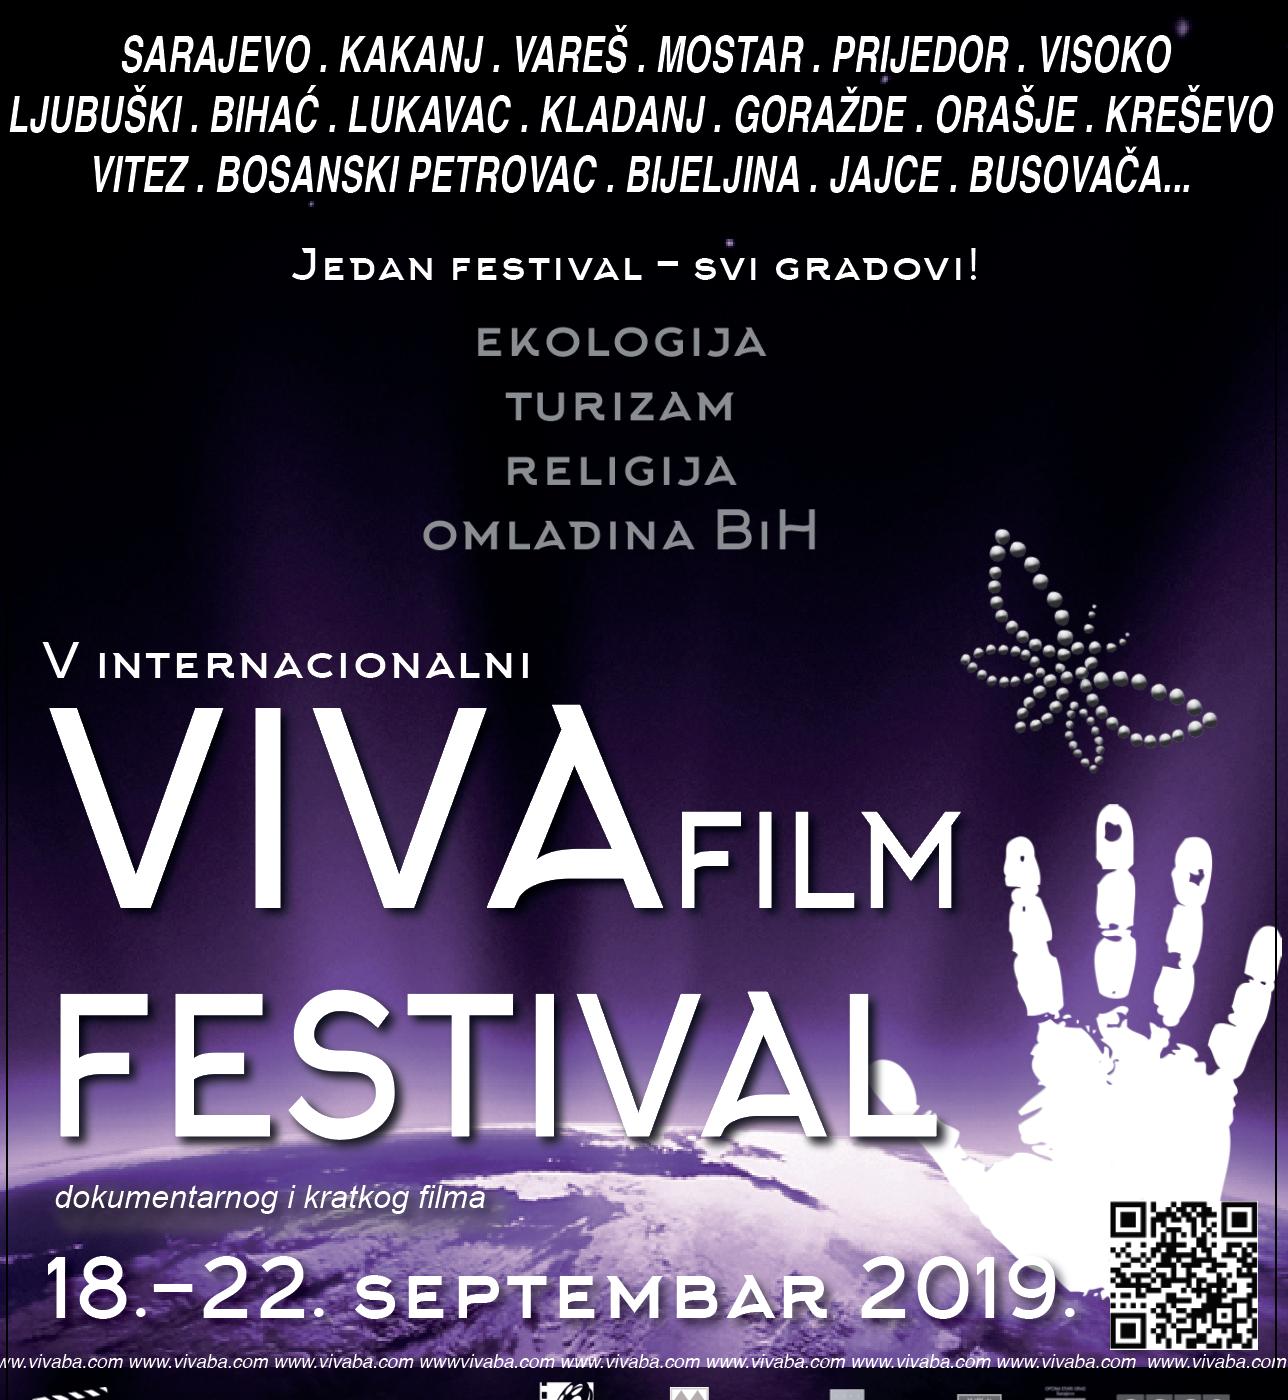 Viva film festival u Kaknju od 18. septembra